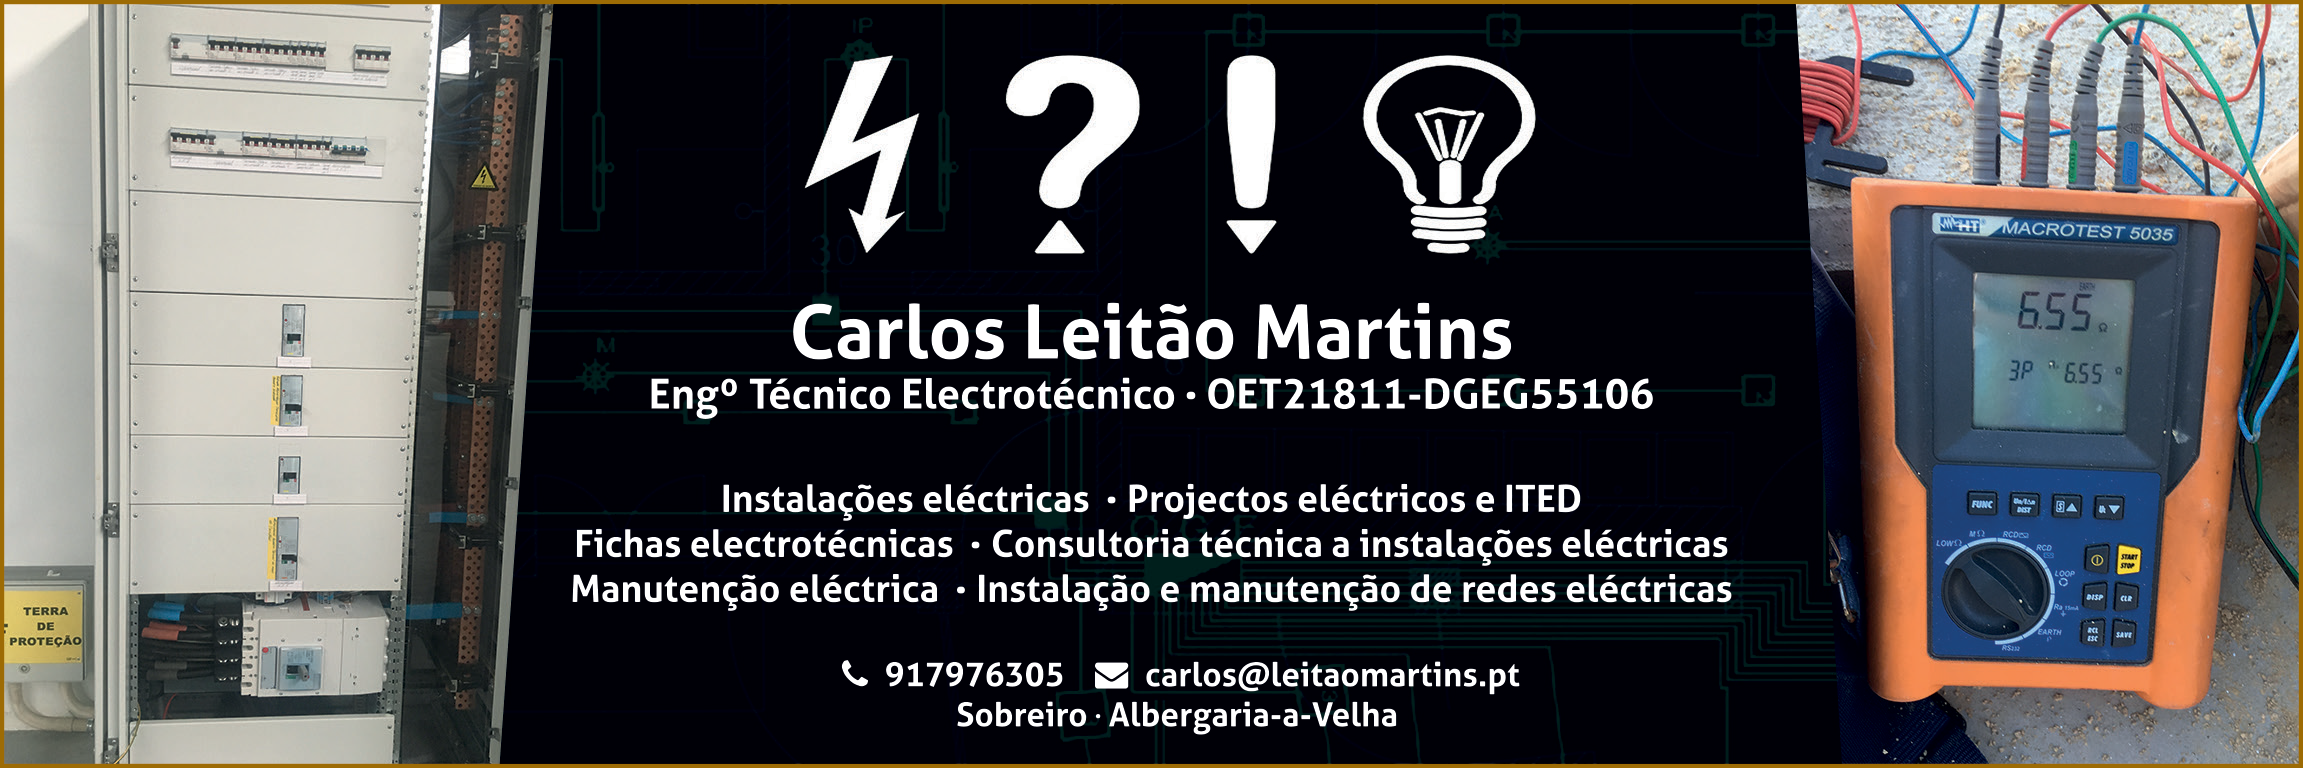 Carlos Leitão Martins • Eng. Téc. Electrotécnico